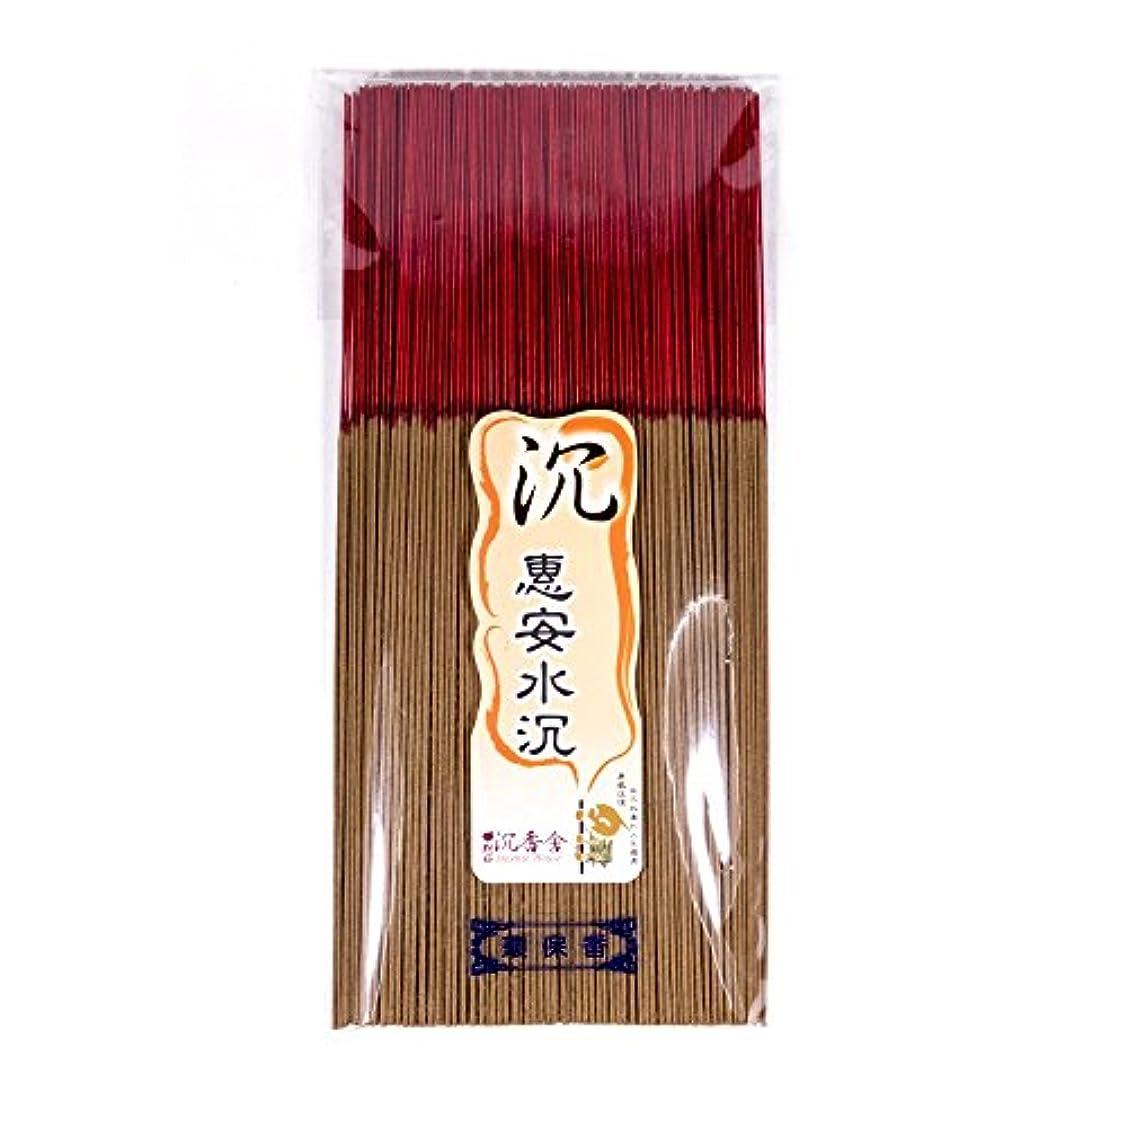 完全に乾く熱意同僚台湾沉香舍 惠安水沈香 台湾のお香家 - 沈香 30cm (木支香) 300g 約400本